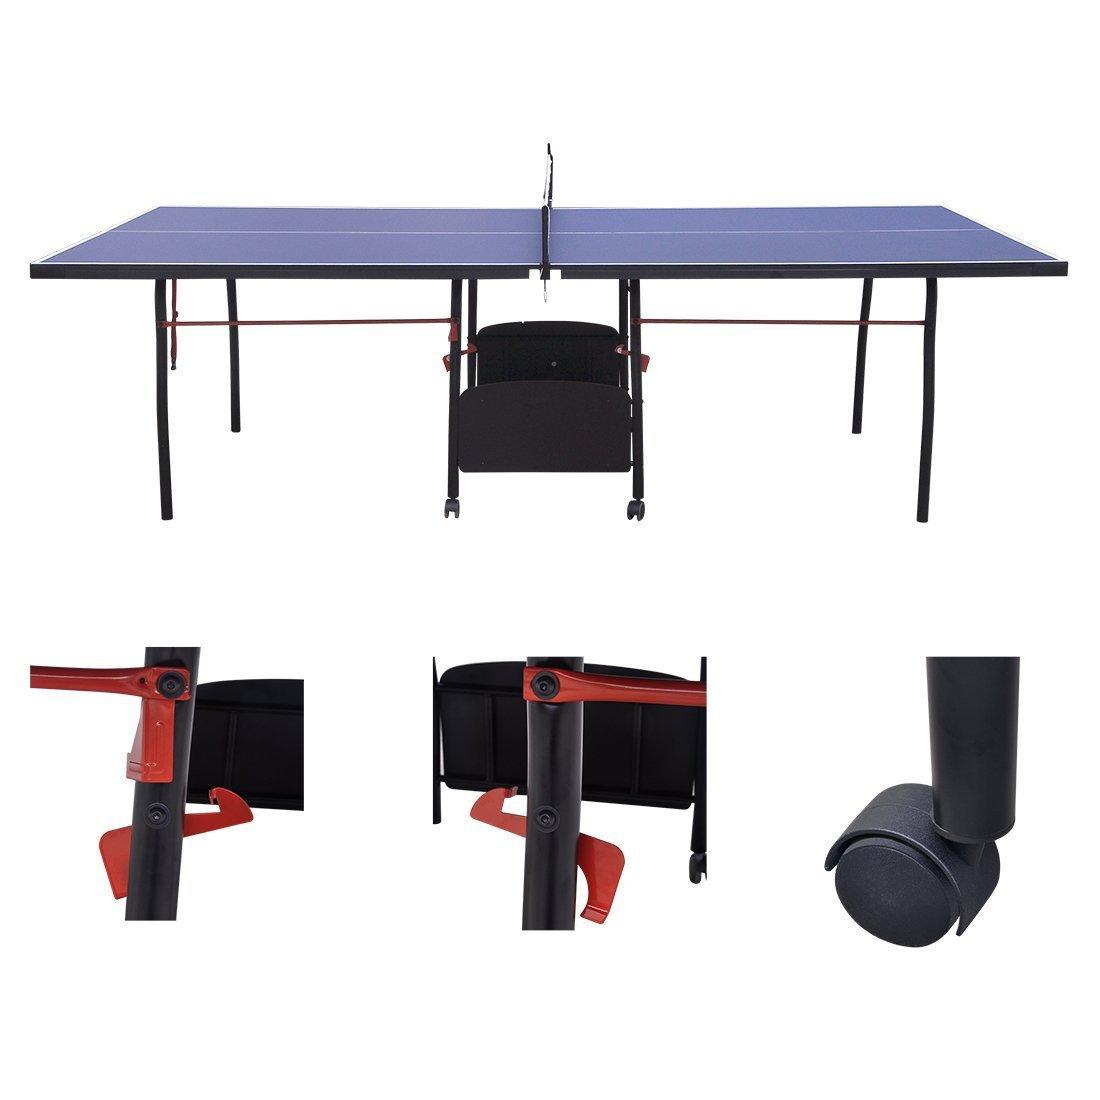 hlc Mesa de Ping Pong, Profesional Plegable y Movible con 9 Pies ...